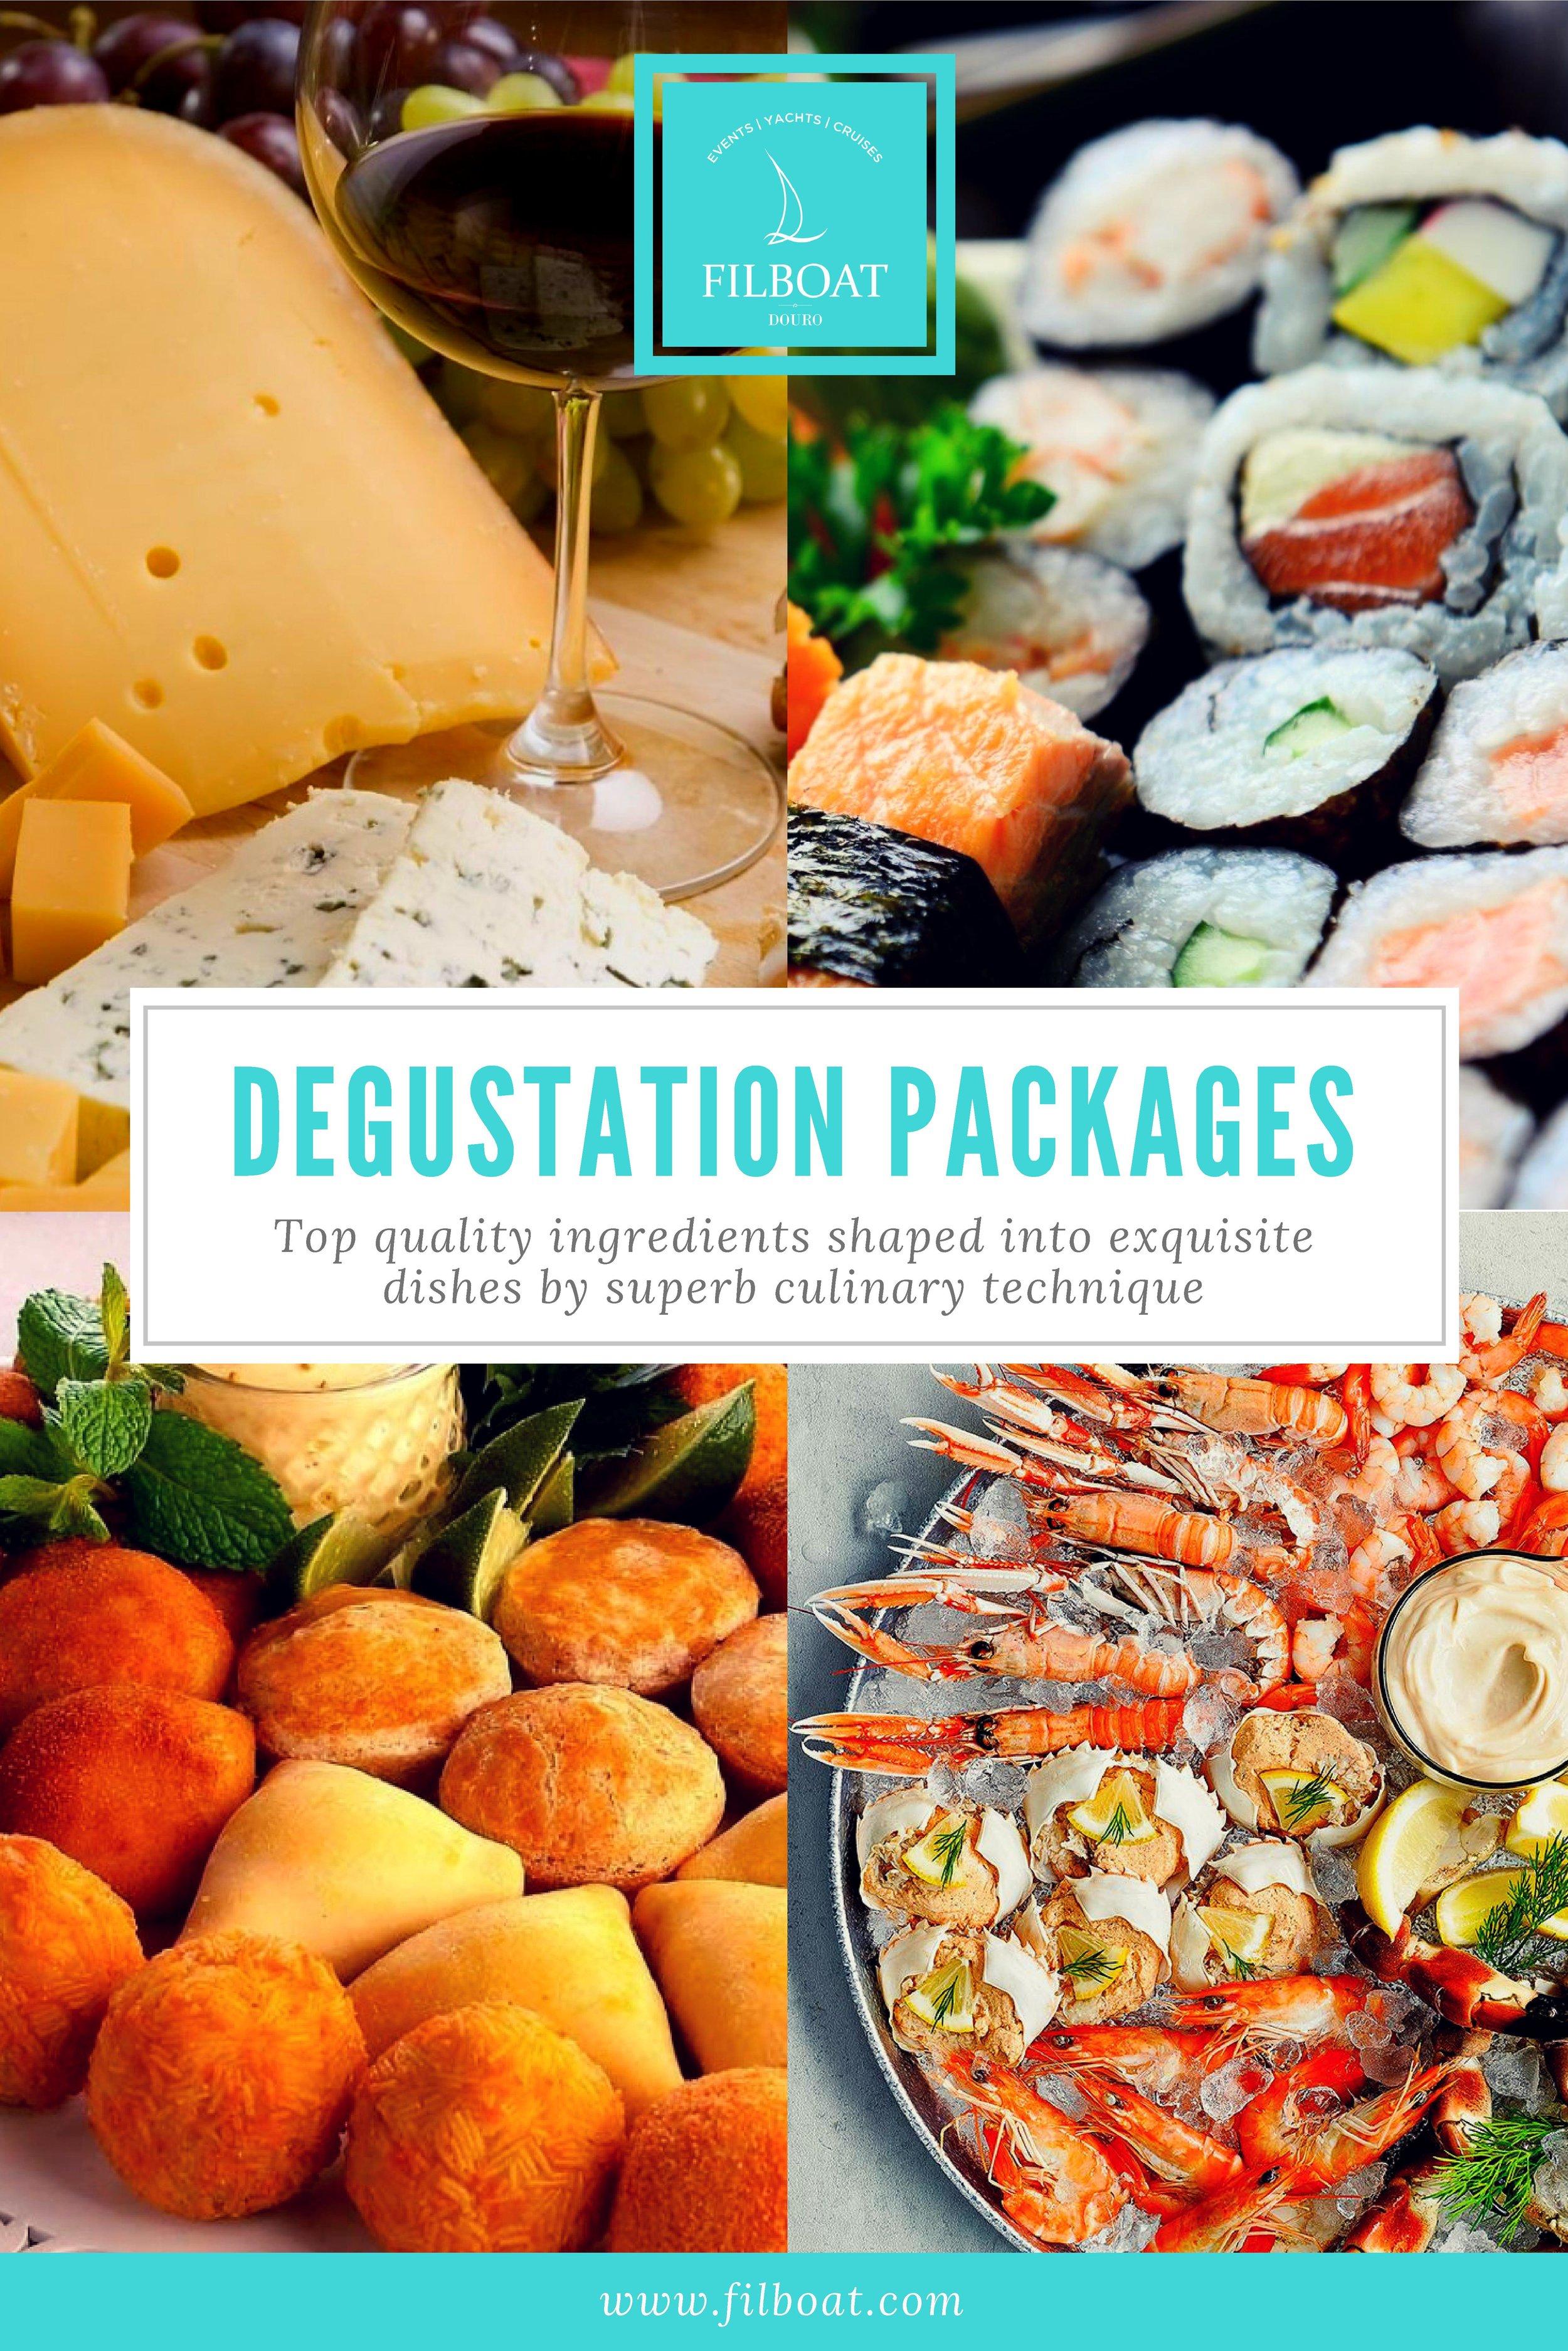 Degustation Packages - FILBOAT.jpg